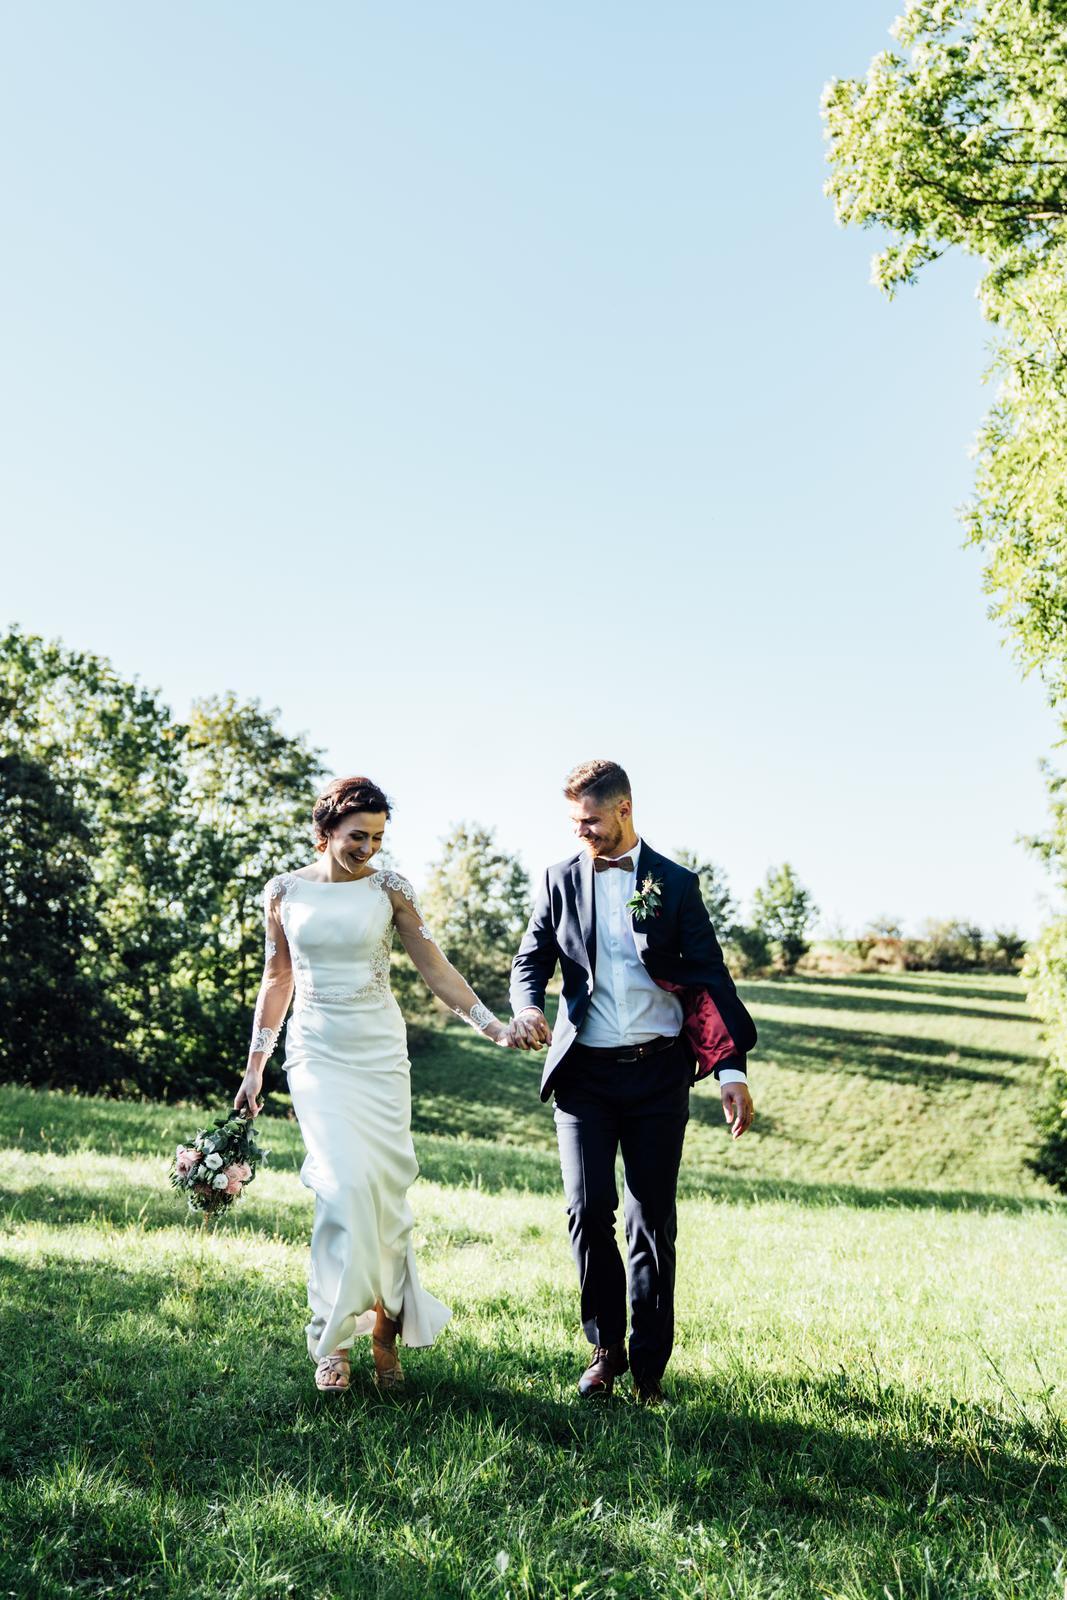 Kateřina & Tomáš (Podzimní svatba 2019) - Obrázek č. 22